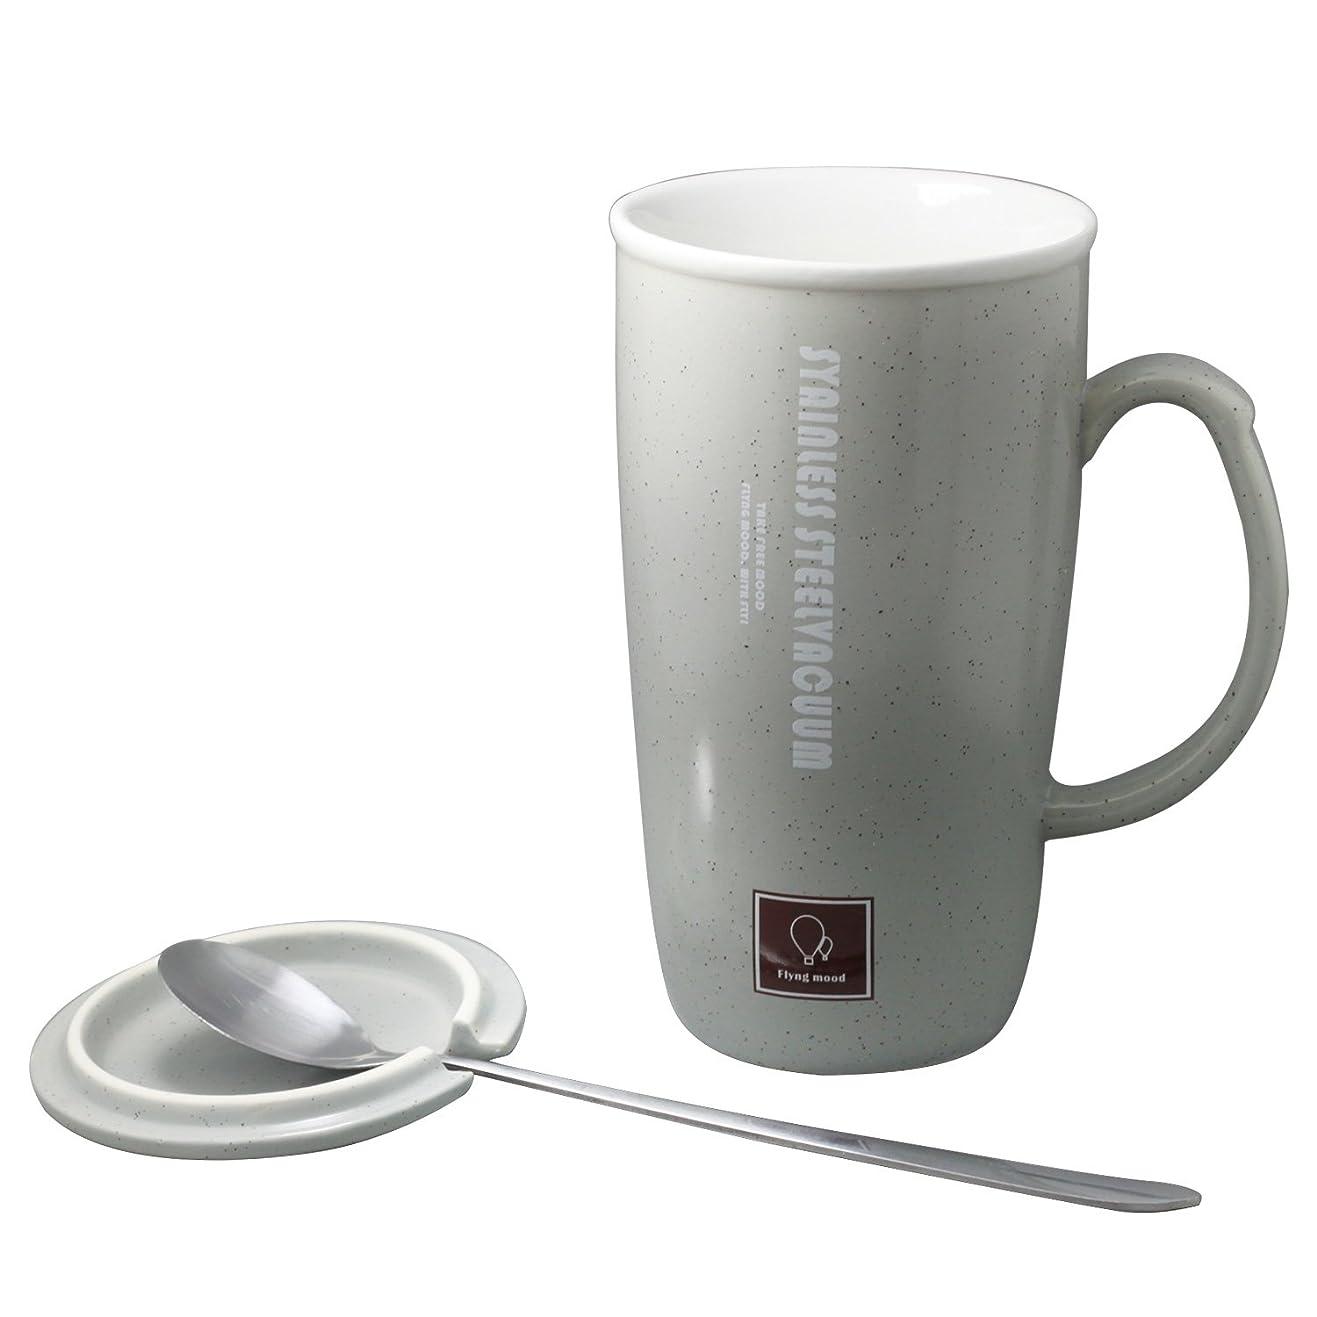 首相先住民プロテスタント素朴なSpeckled TallコーヒーPottery Mug Cup 16オンスwithセラミック蓋でギフトボックス 16 oz グレー